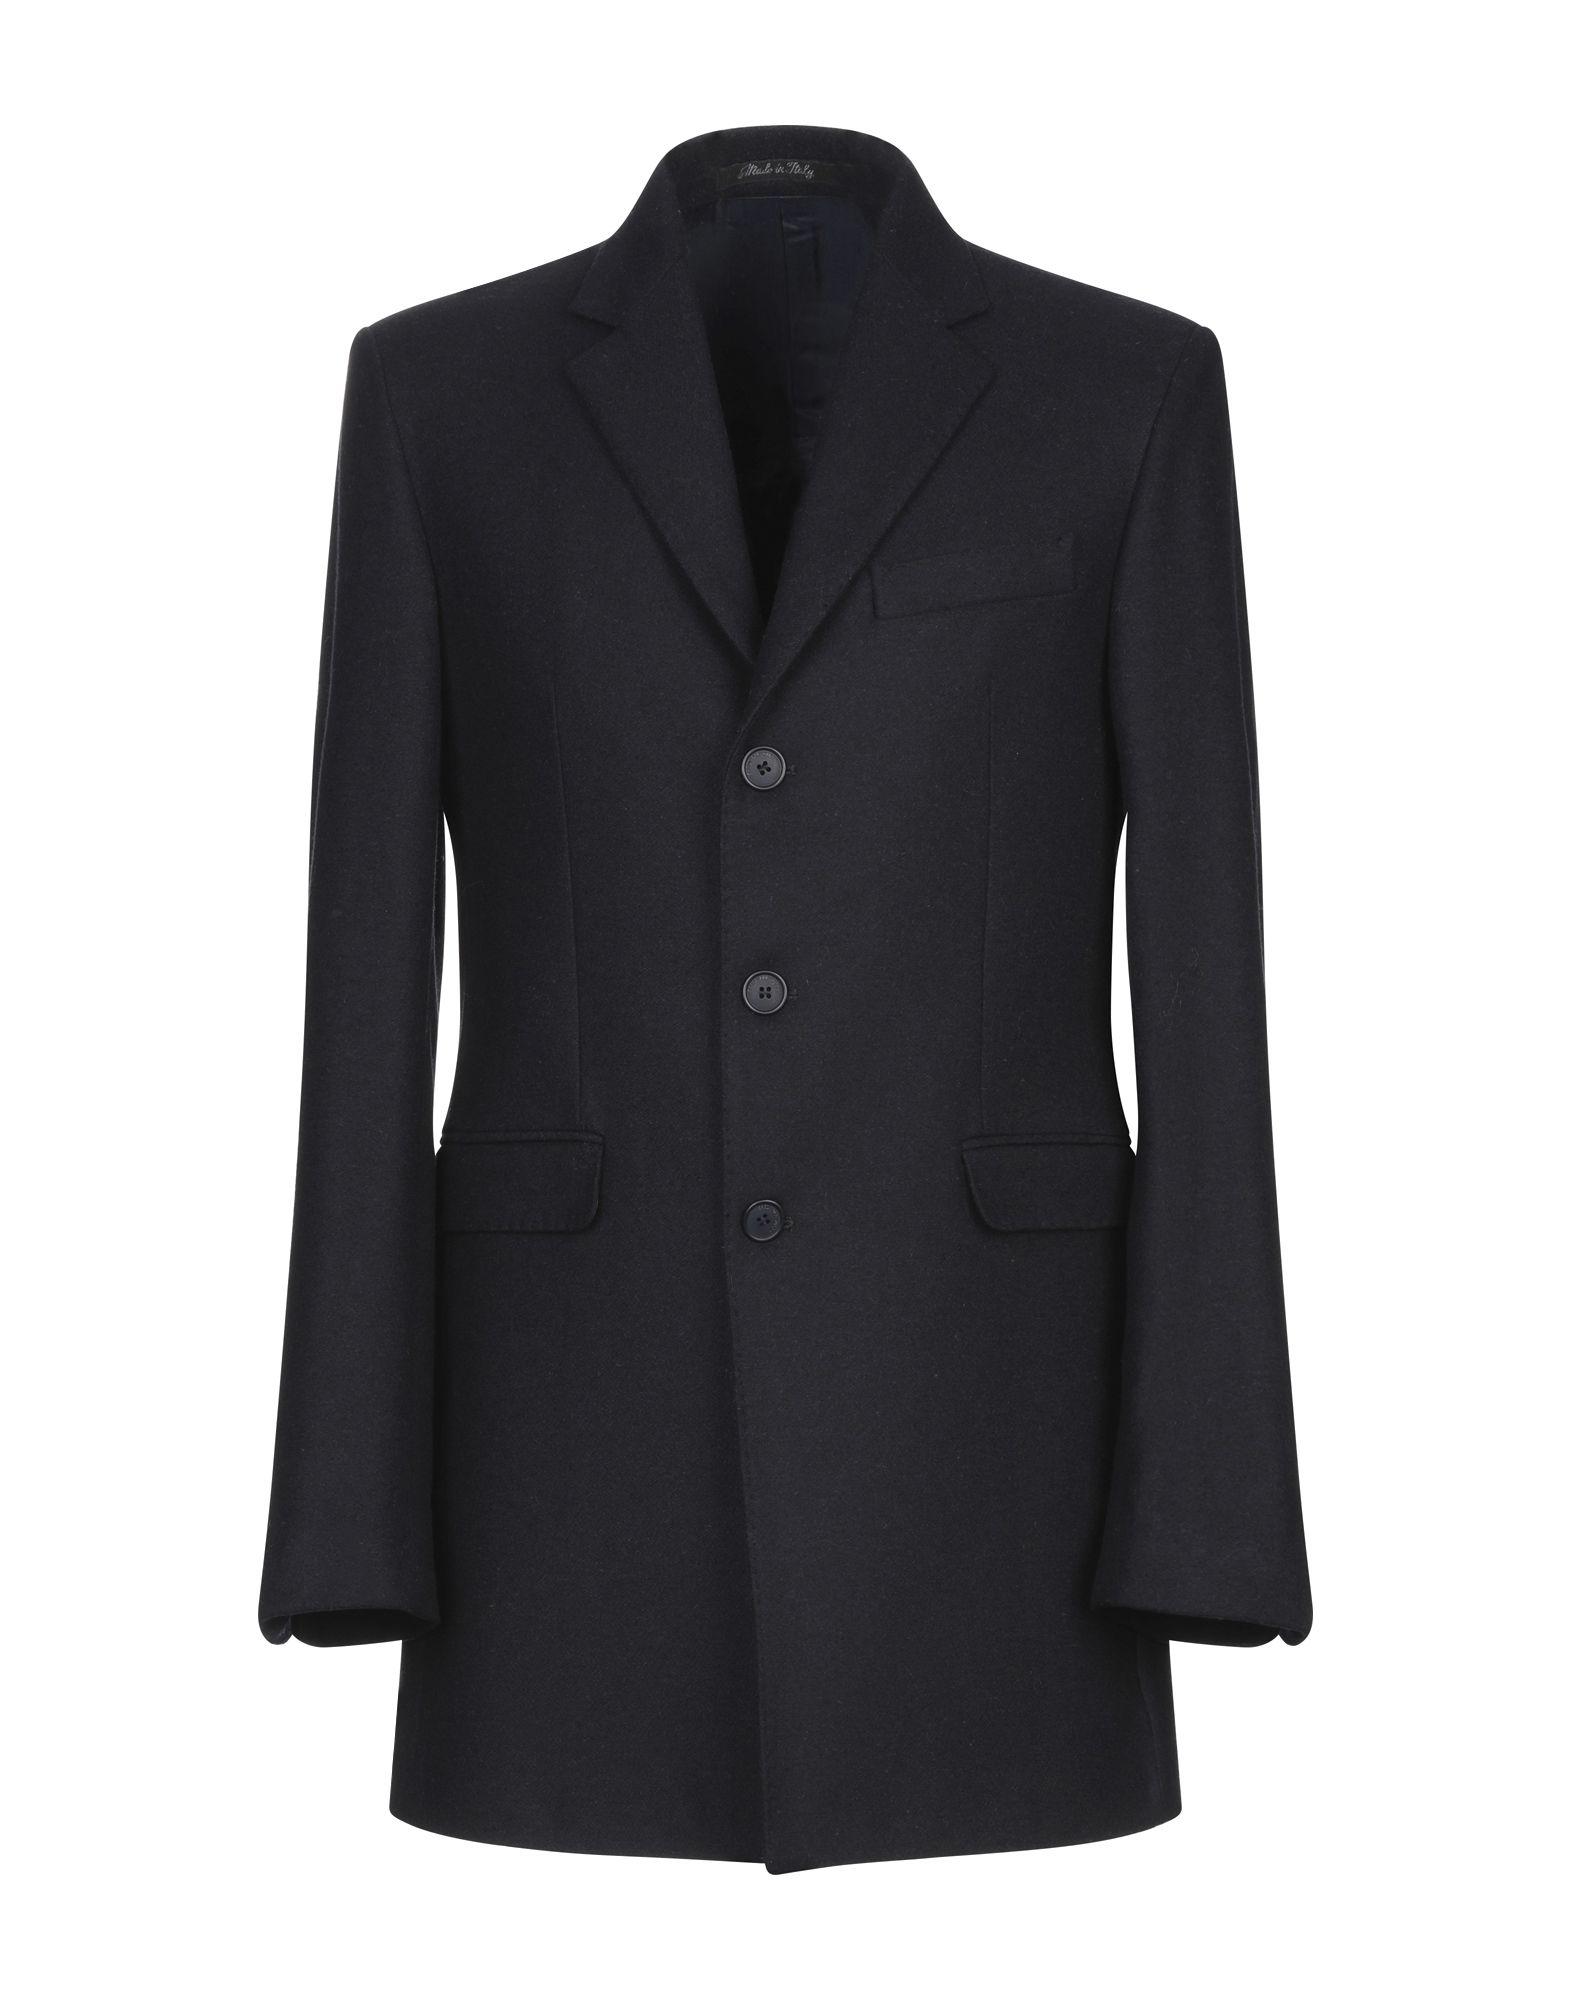 《期間限定セール開催中!》EREDI DEL DUCA メンズ コート ダークブルー 48 ウール 60% / ポリエステル 30% / 指定外繊維 10%